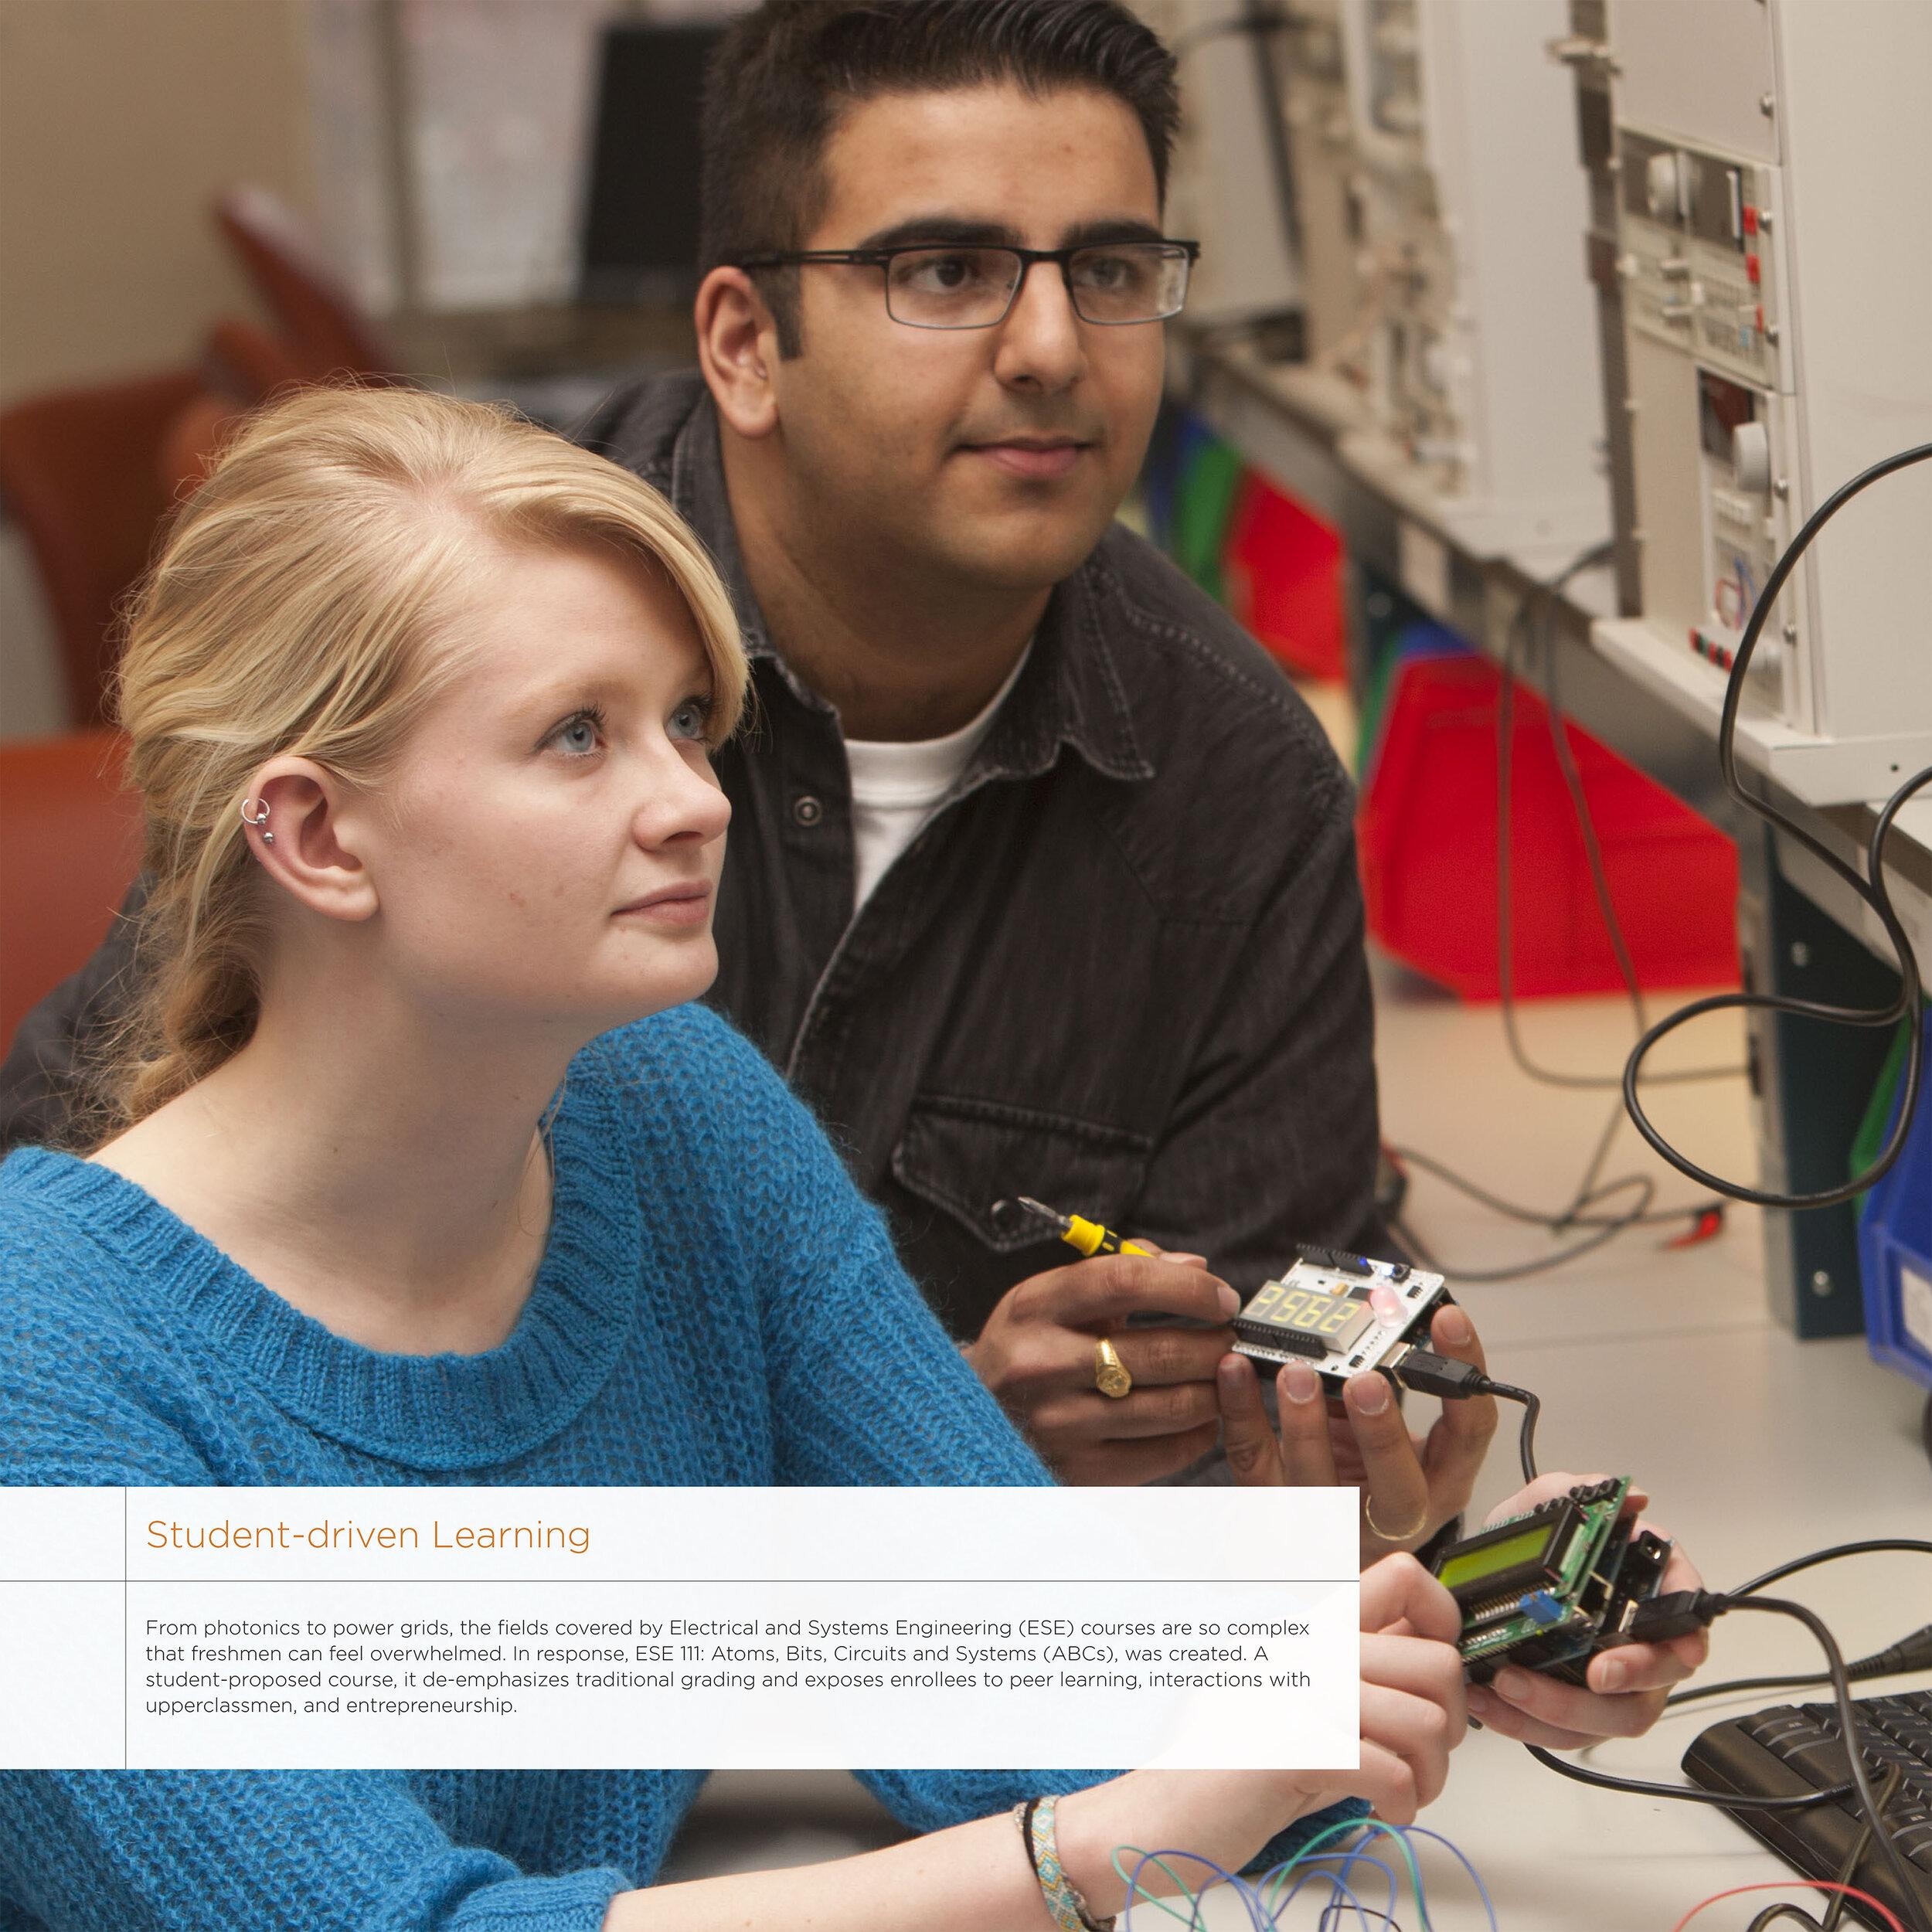 kelsh-wilson-design-penn-engineering-campus-display-4.jpg